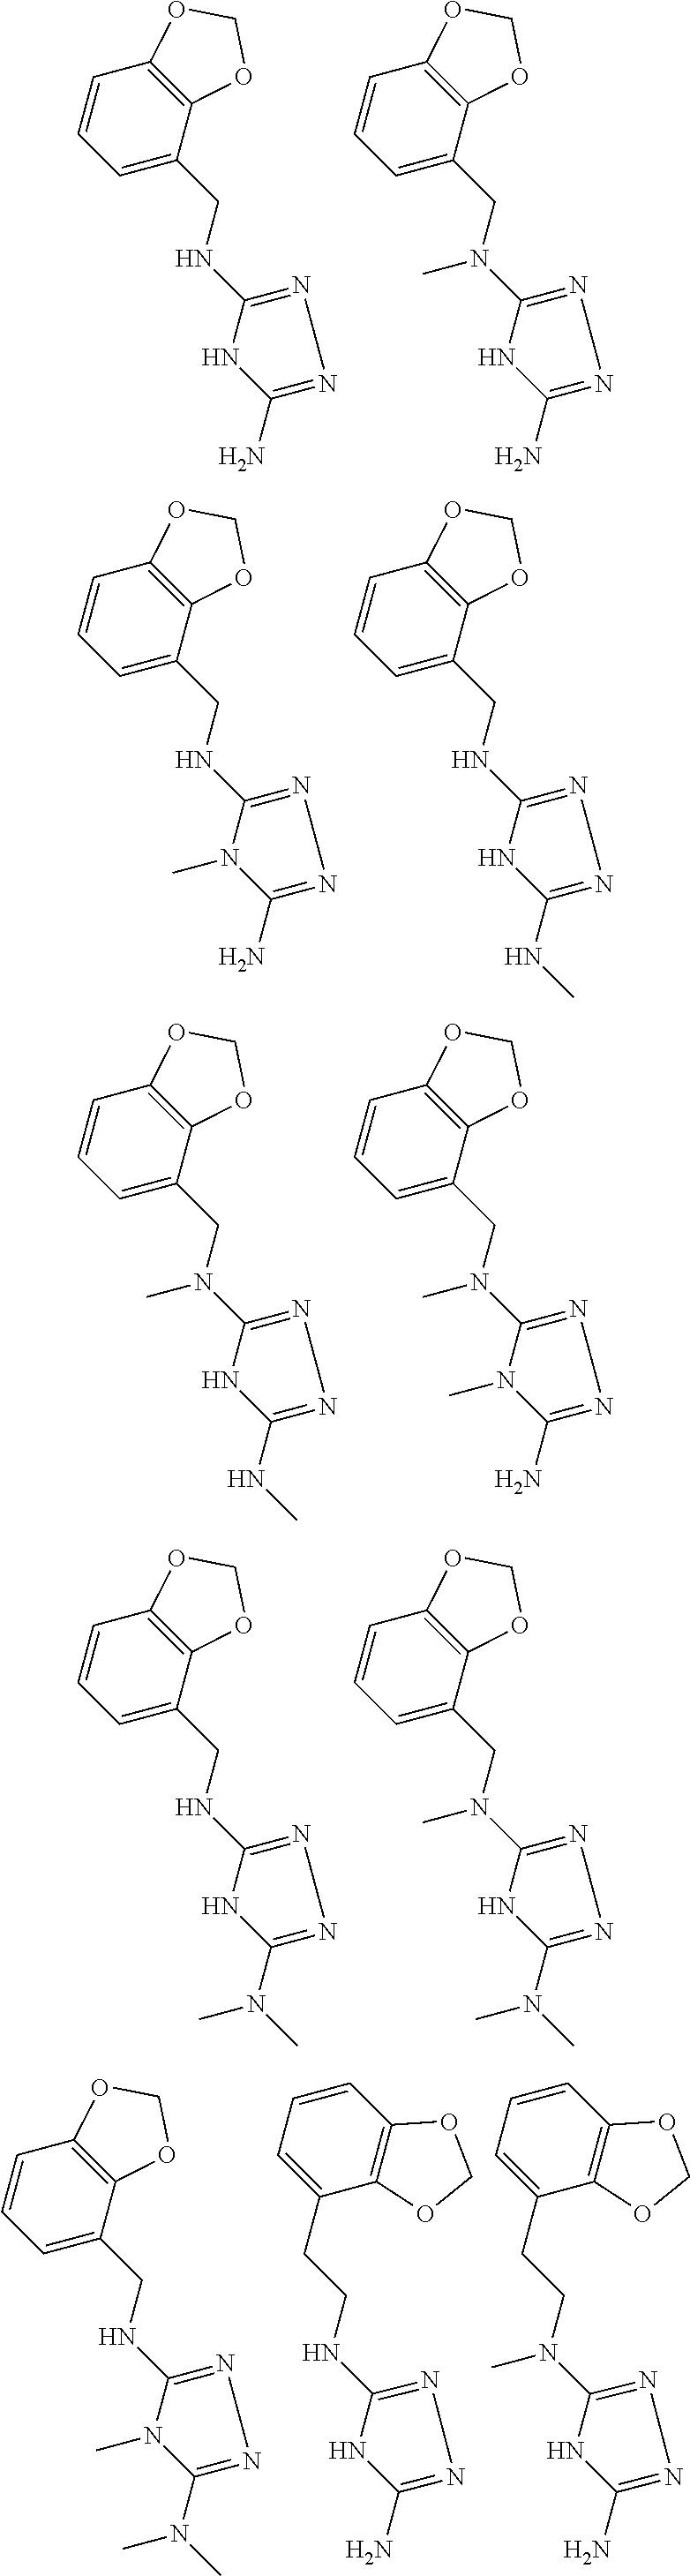 Figure US09480663-20161101-C00064